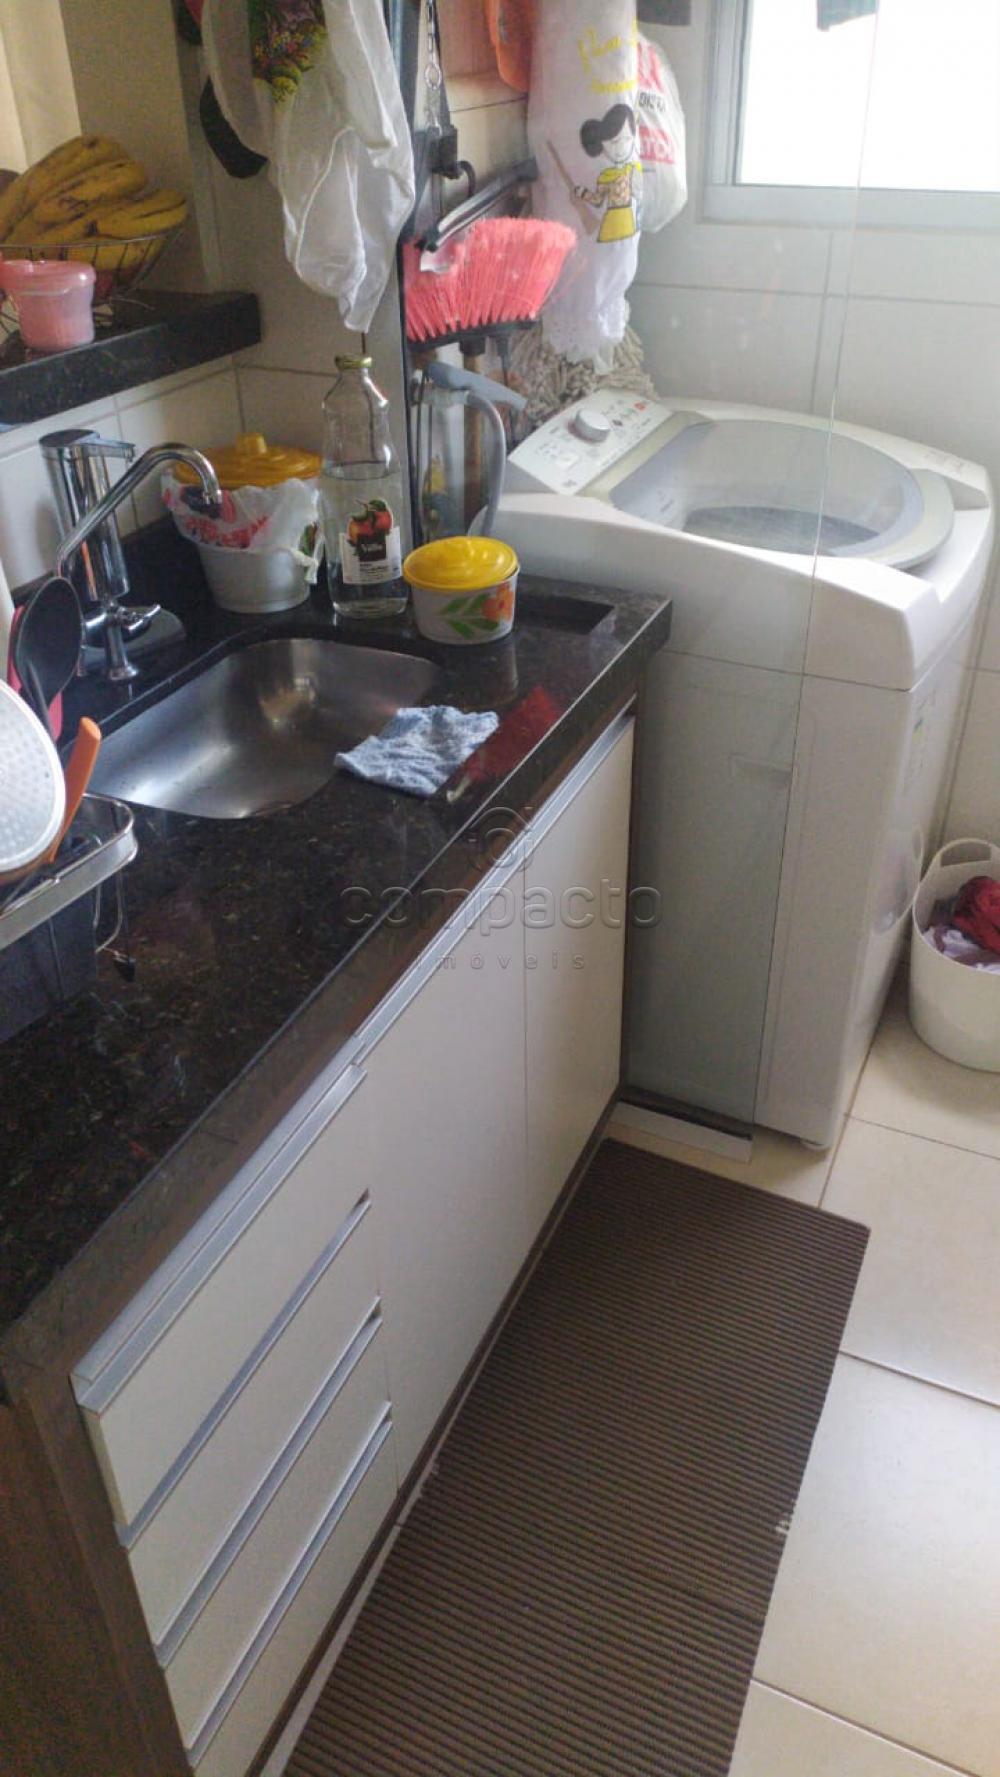 Comprar Apartamento / Padrão em São José do Rio Preto apenas R$ 190.000,00 - Foto 9